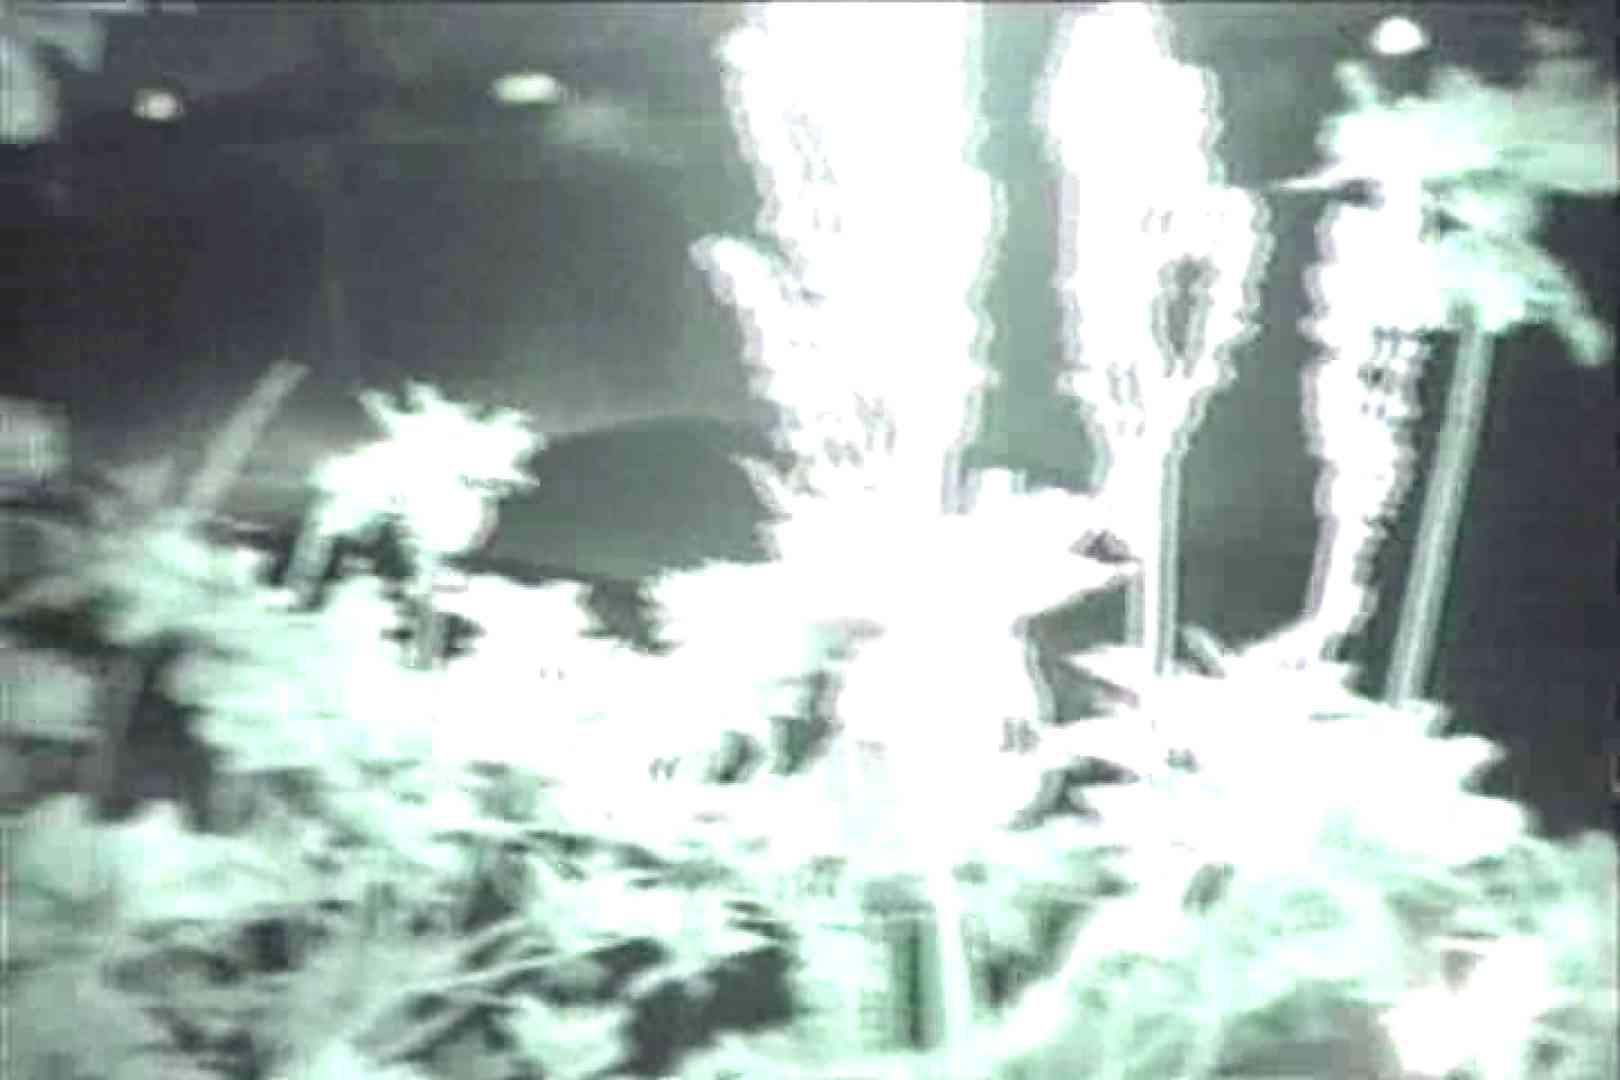 車の中はラブホテル 無修正版  Vol.16 独占盗撮 のぞき動画画像 52連発 25